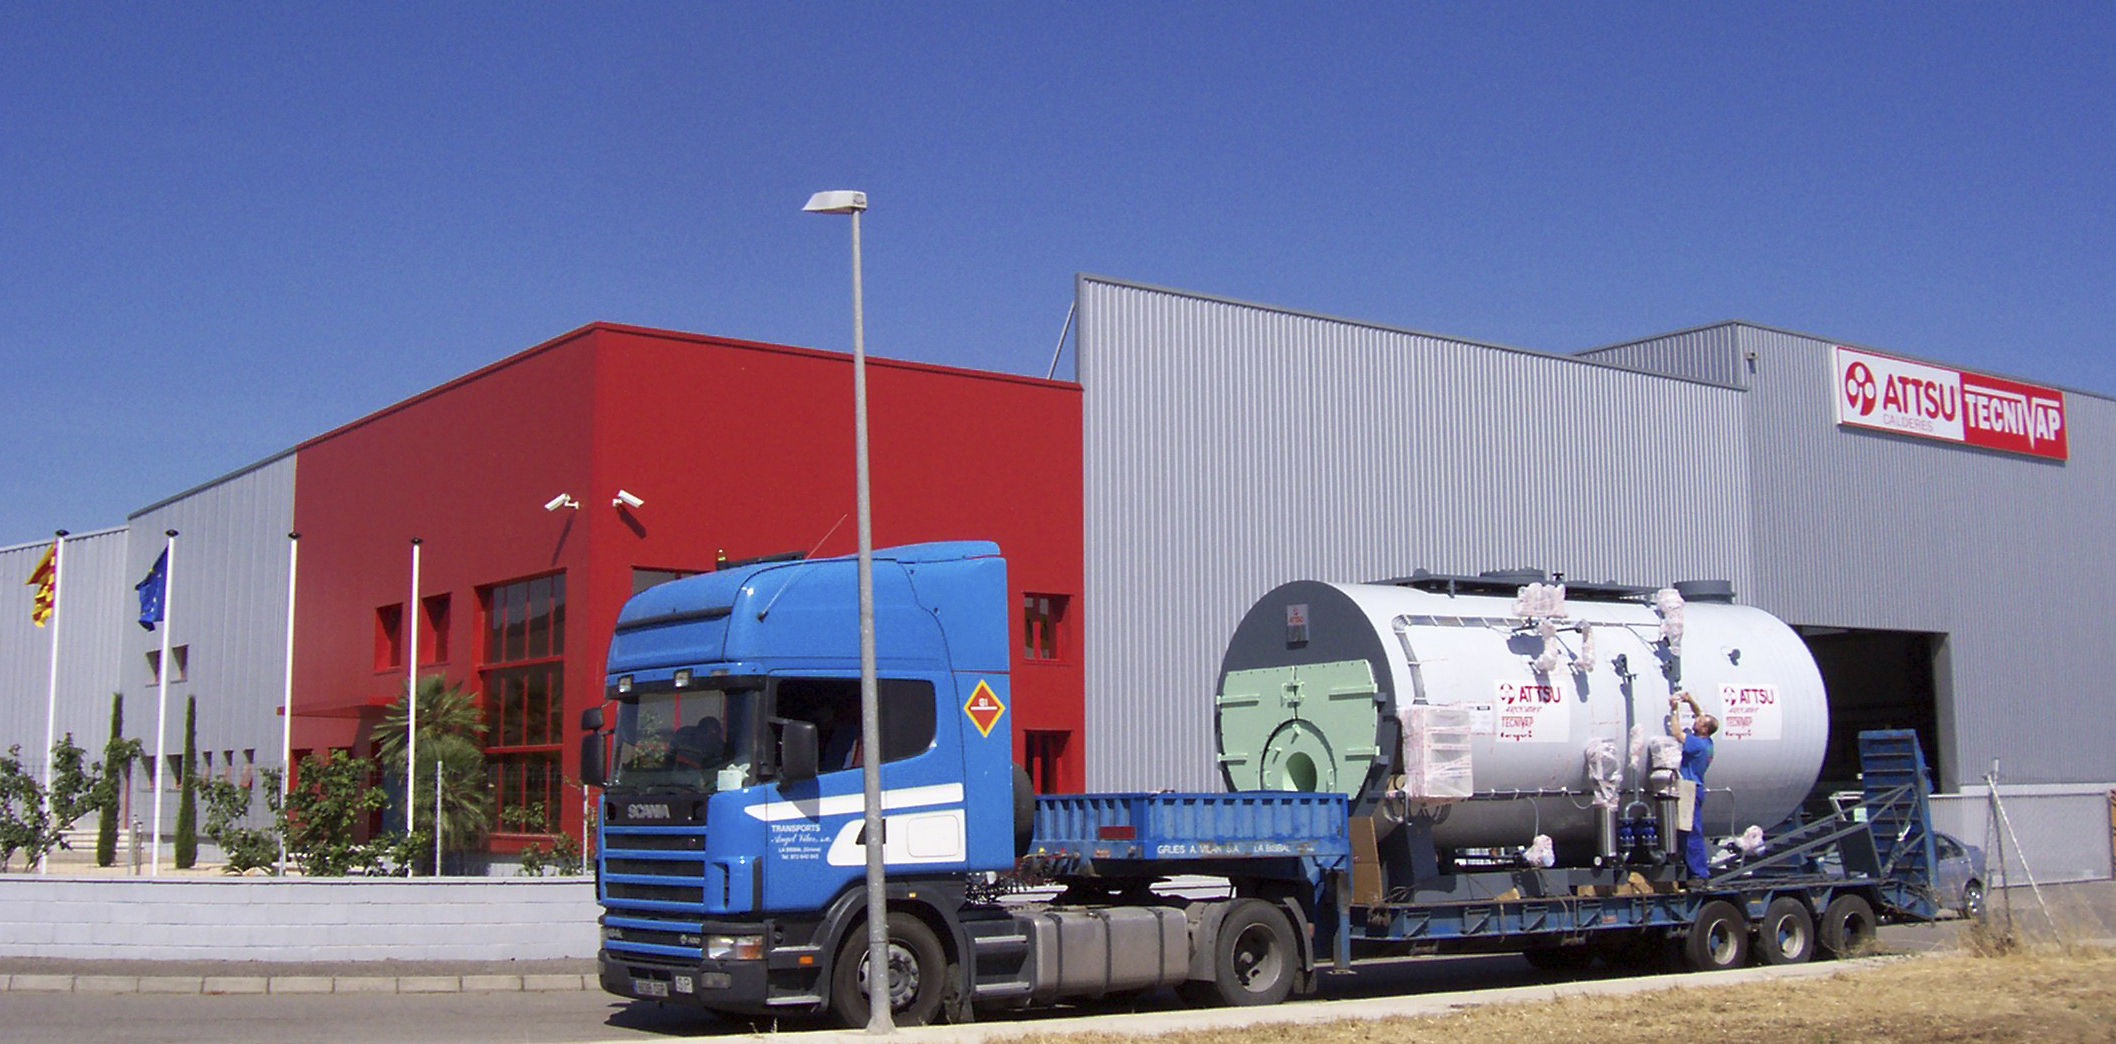 Tolle Erdgas Dampfkessel Bilder - Schaltplan Serie Circuit ...